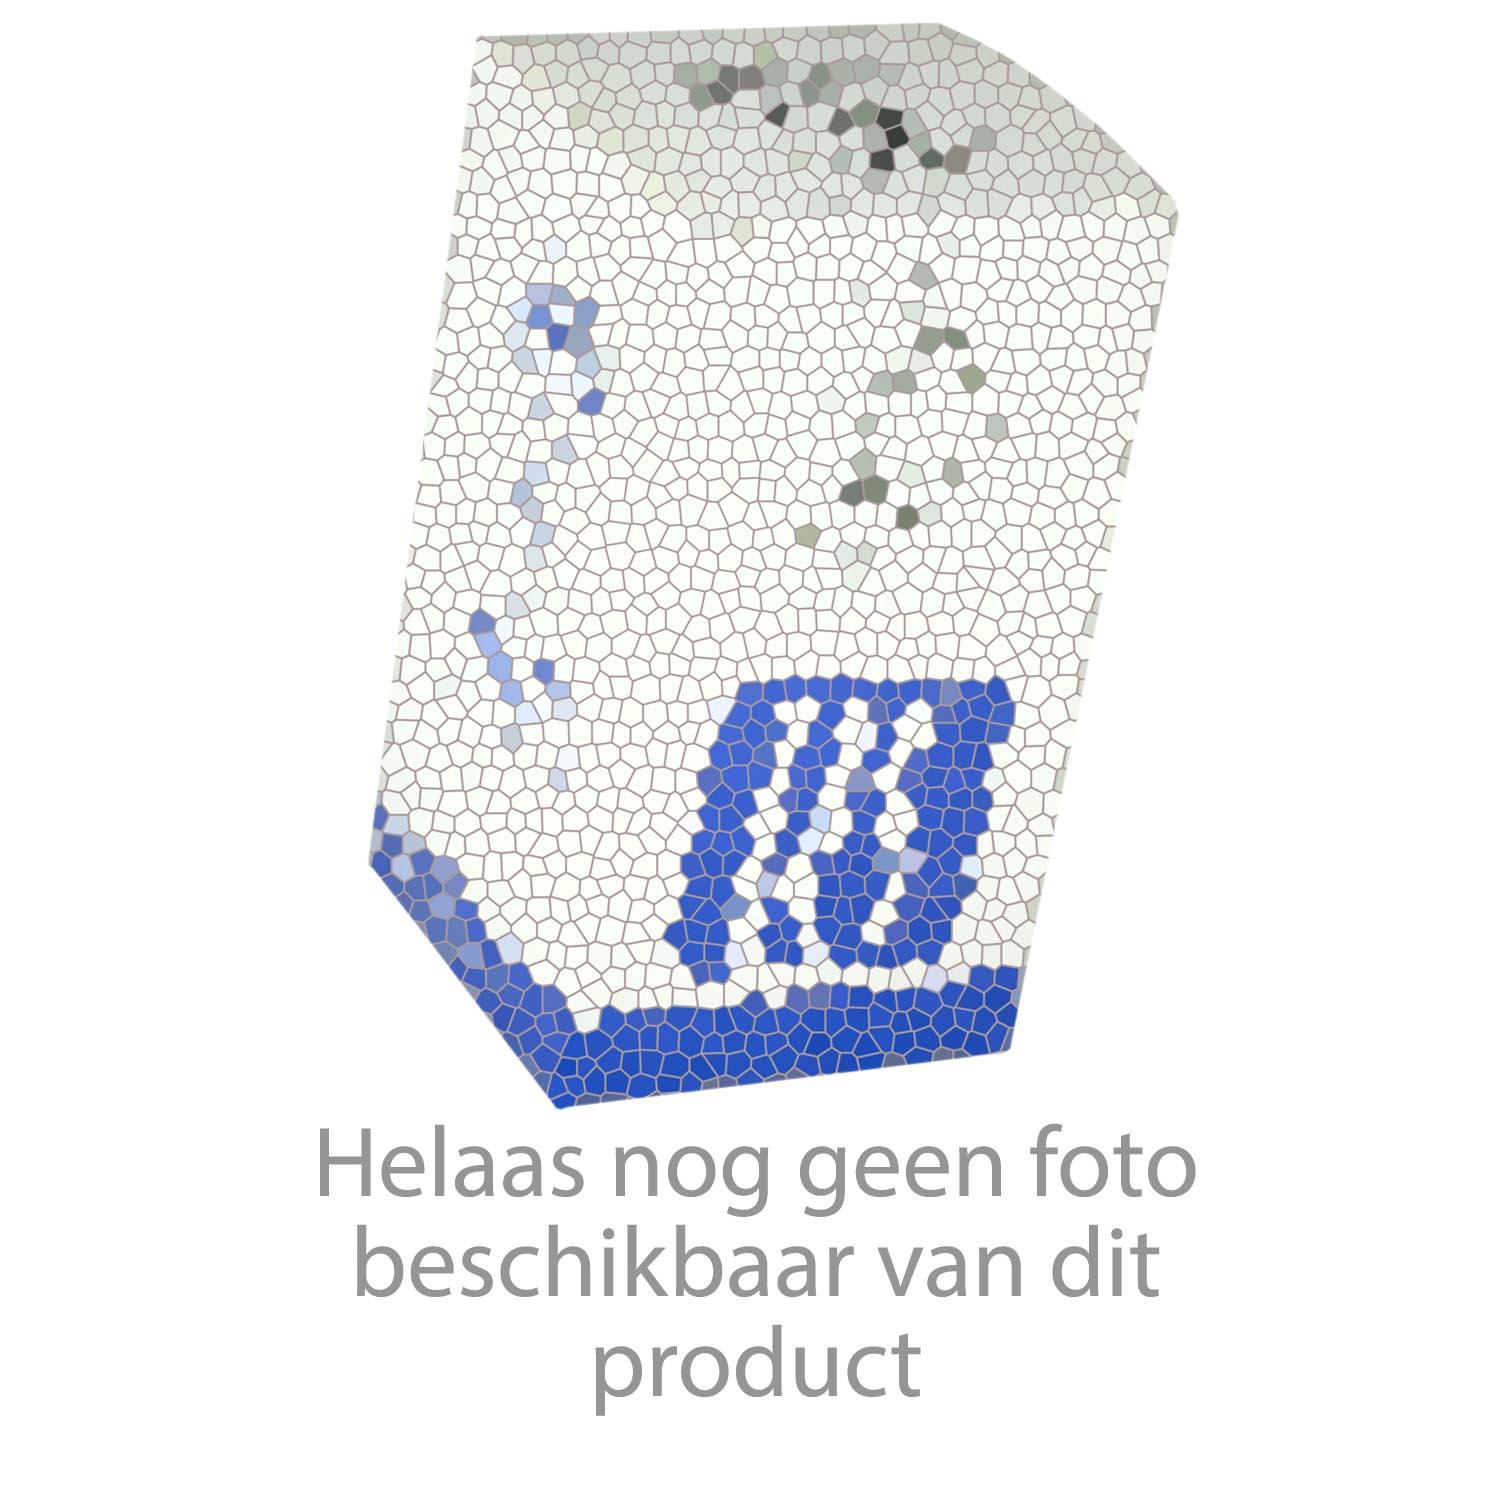 Echtermann ECOSTAR 2-gats bladmodel, tussenkraan op stijgpijp (h.o.h. 15cm) Artikel nummer 1510/02-1510